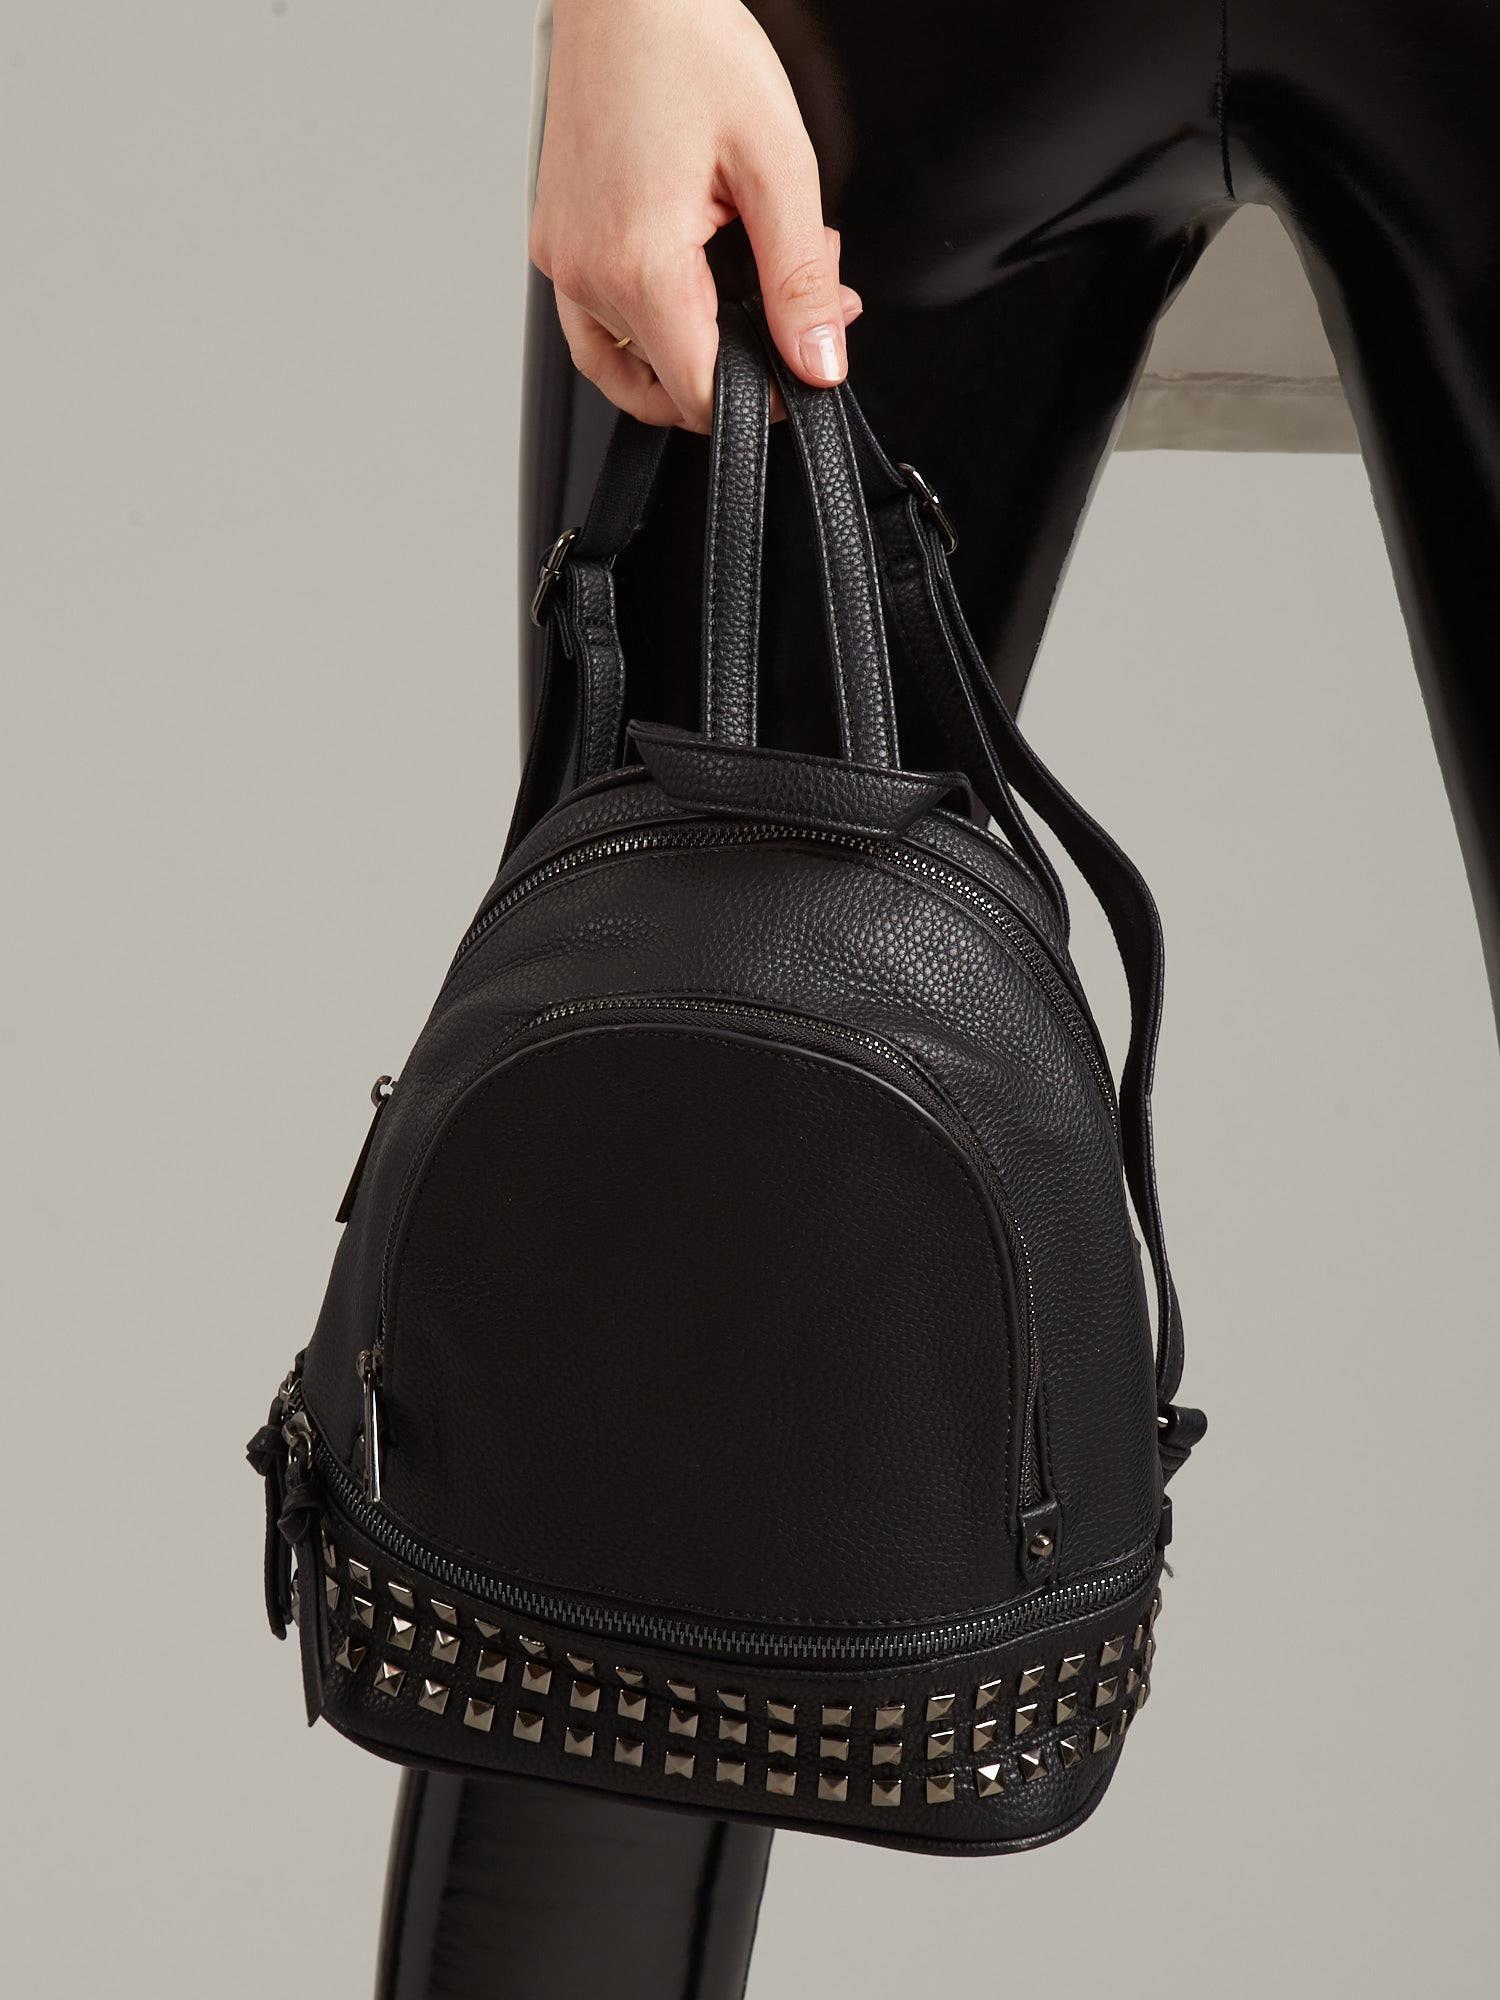 0f02729998311 Czarny plecak ze skóry ekologicznej - Akcesoria plecaki - sklep ...